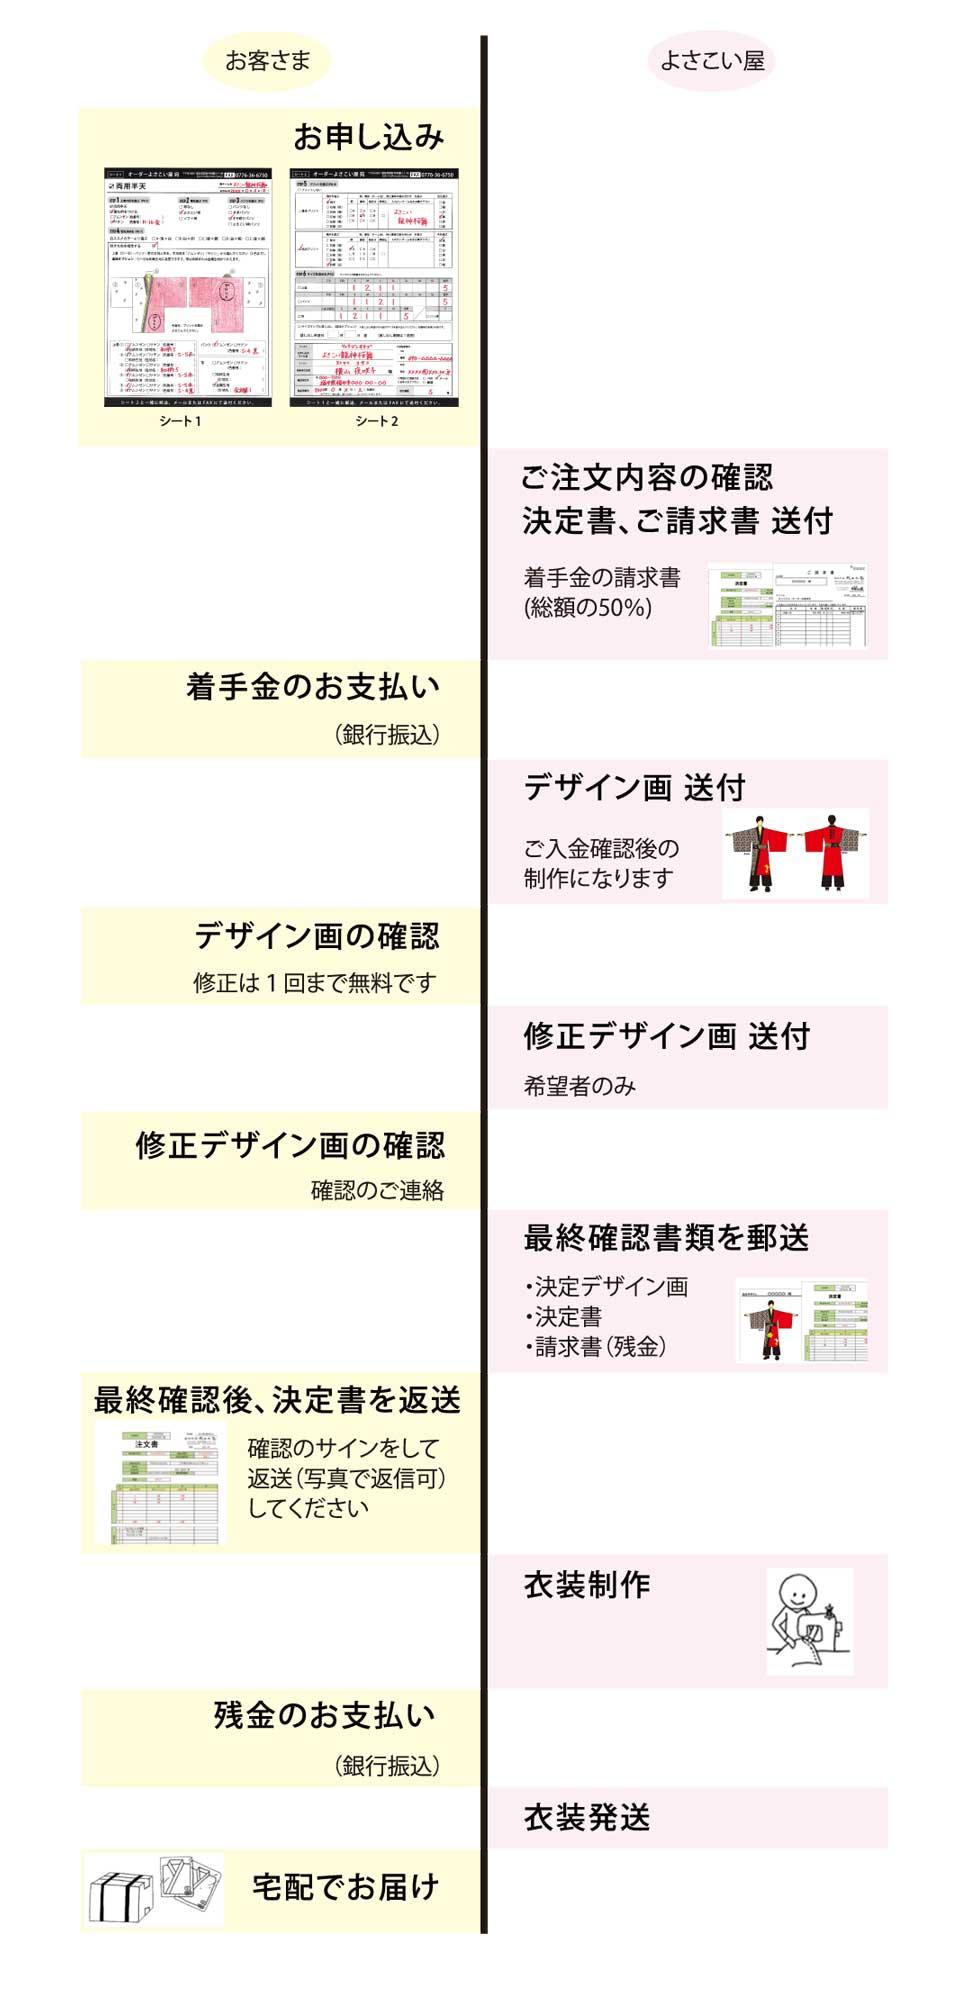 Chumon-guide1